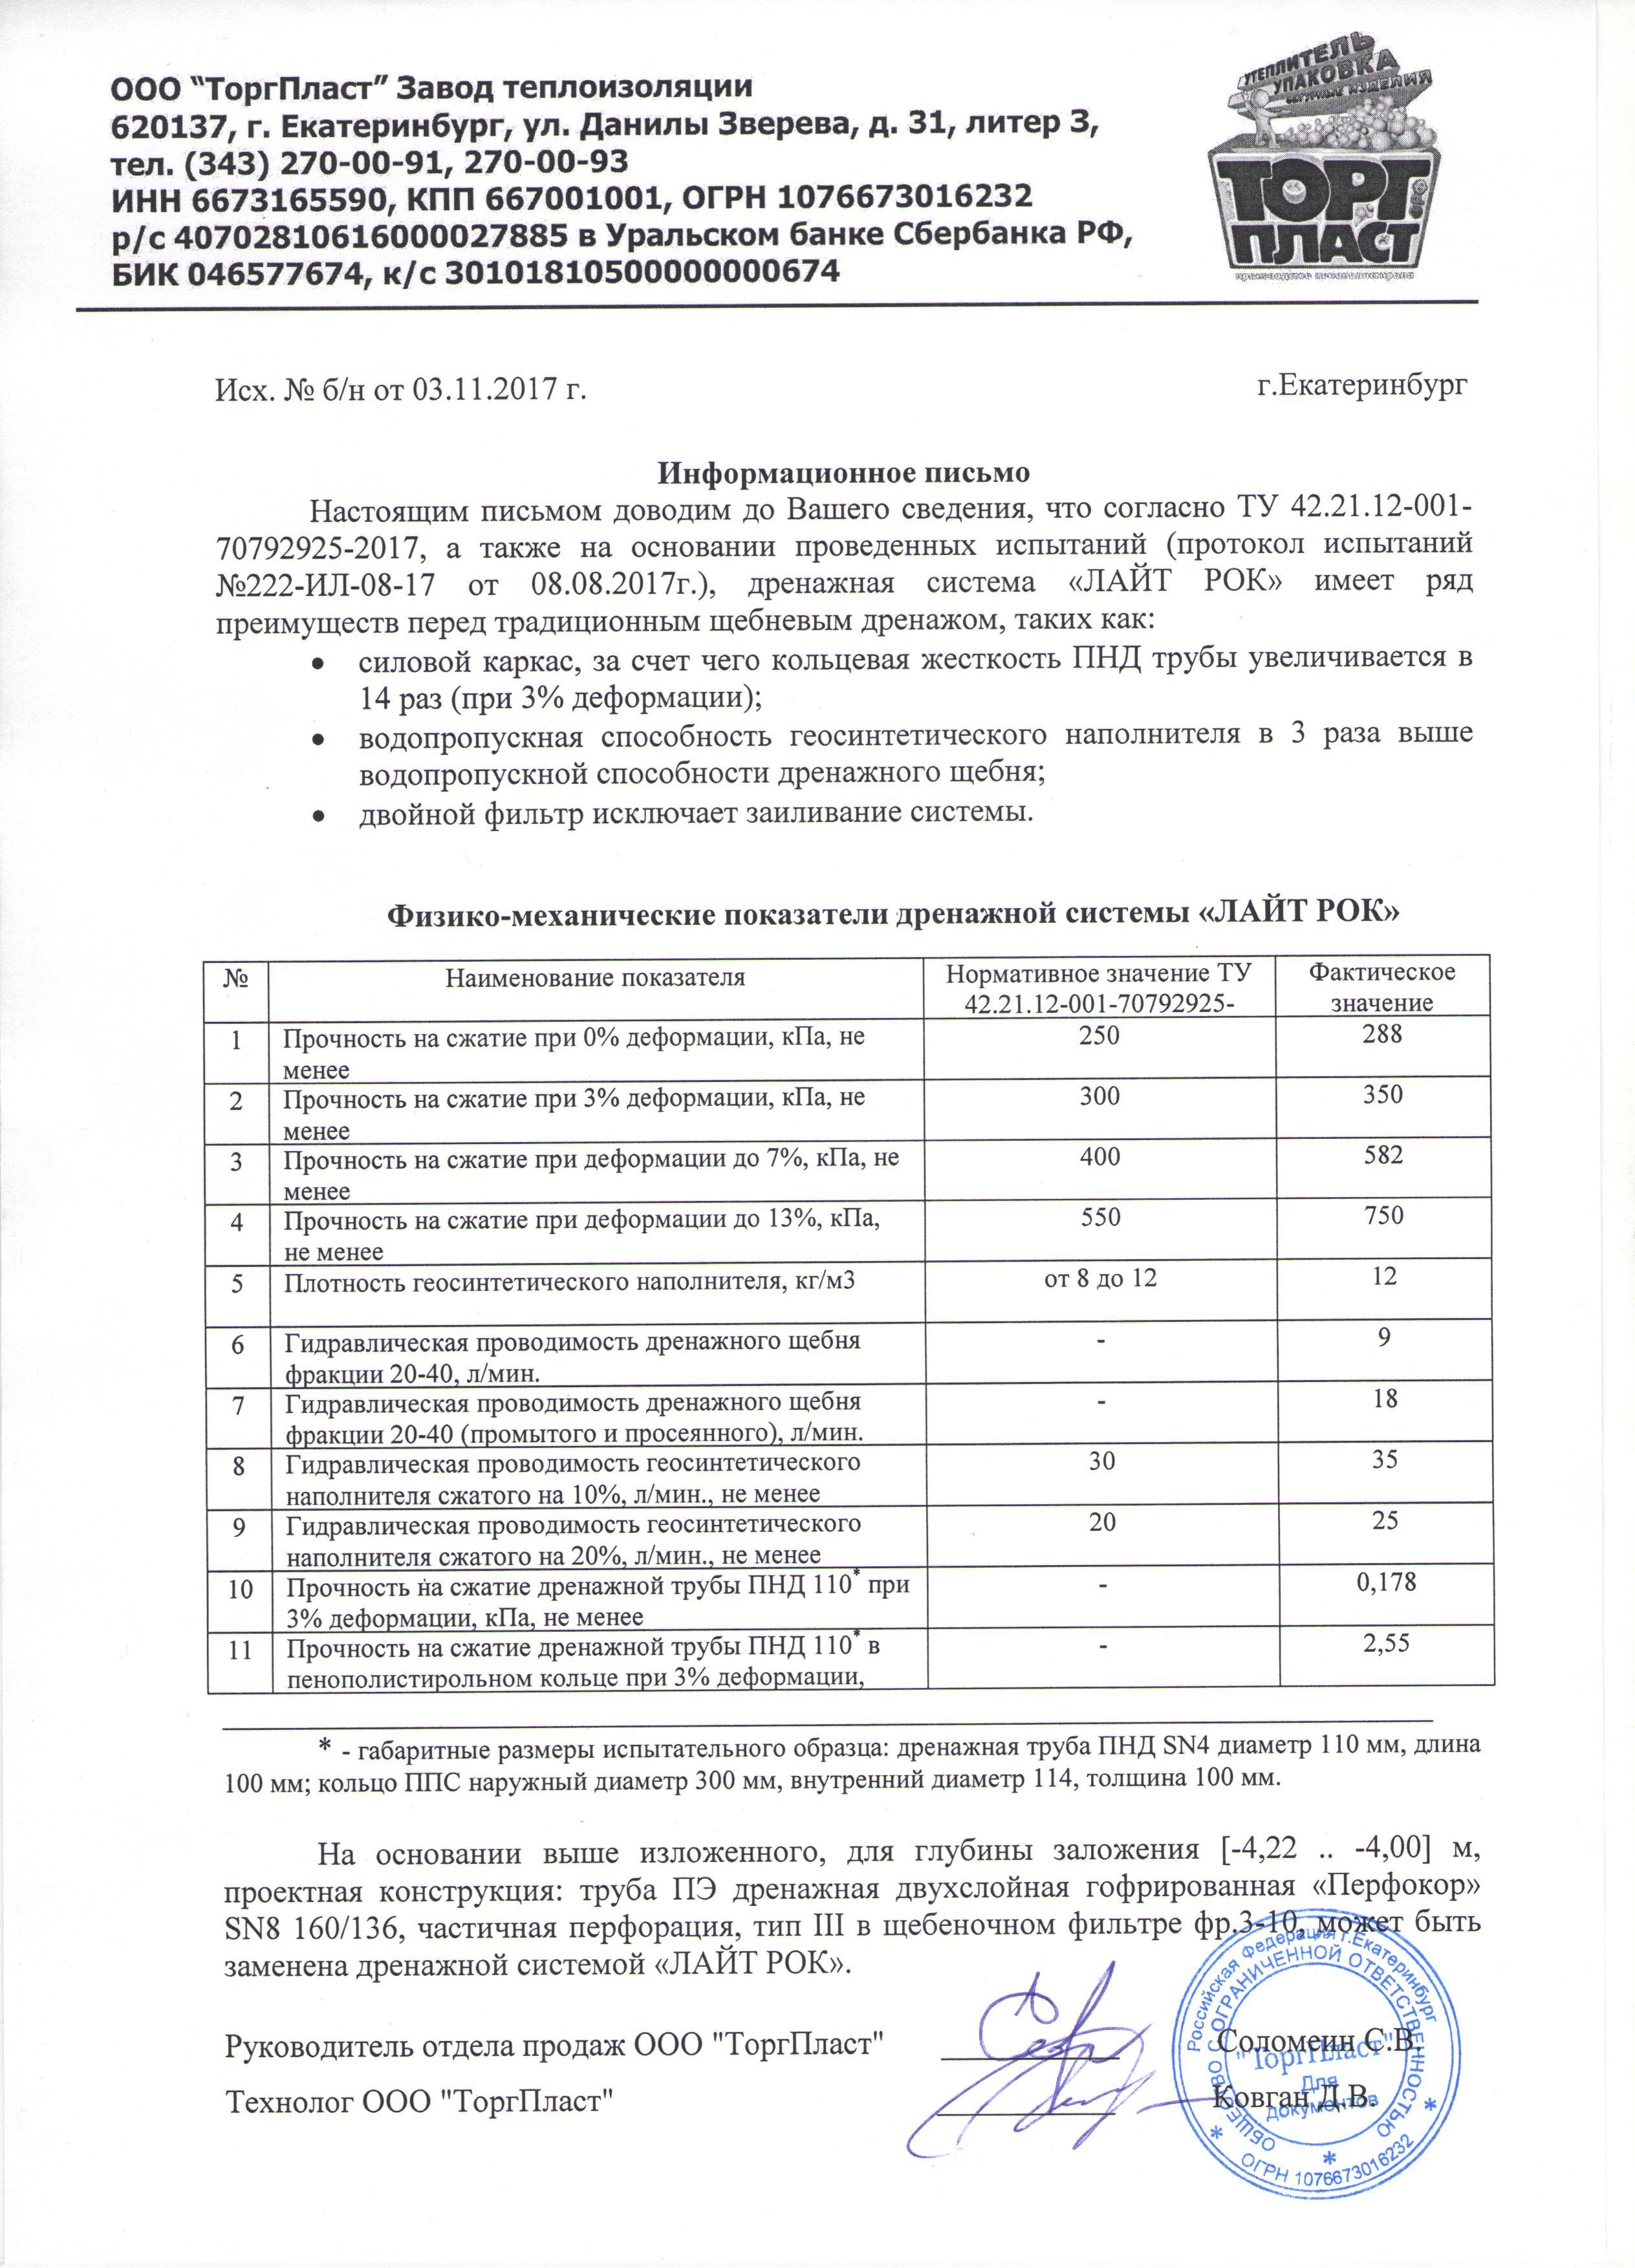 как взять кредит при плохой кредитной истории в украине